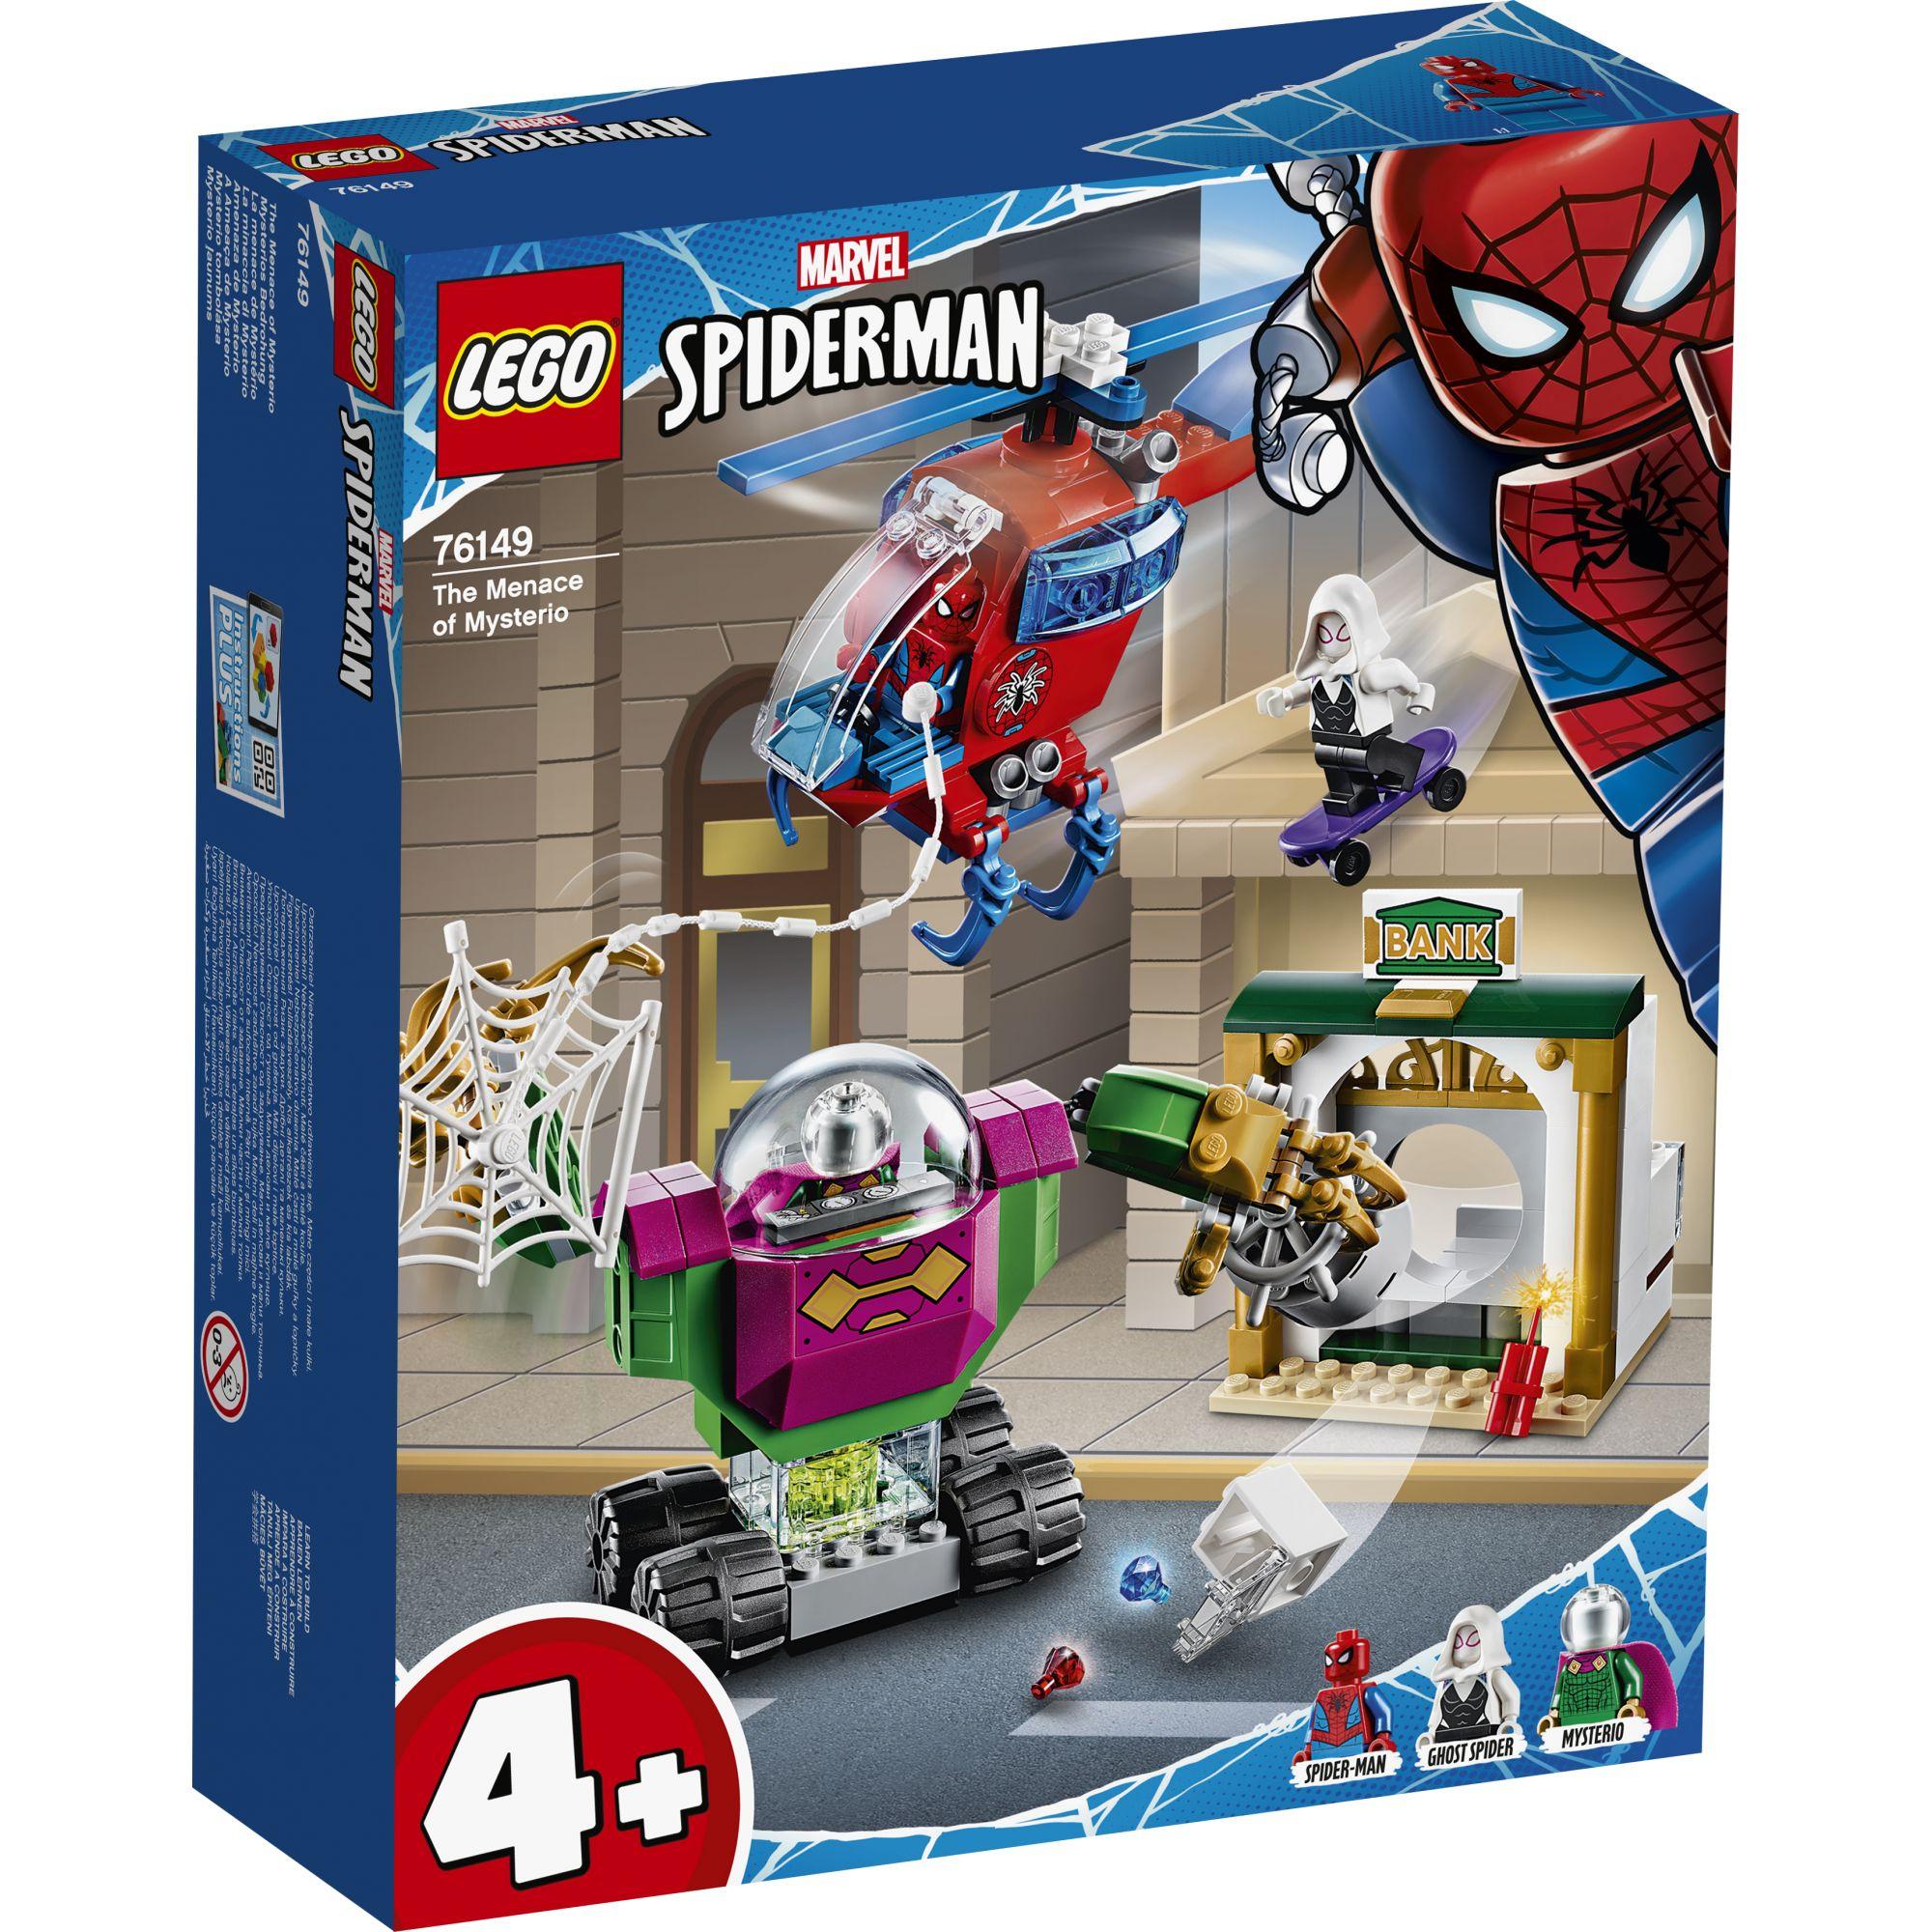 LEGO Marvel Super Heroes La minaccia di Mysterio - 76149